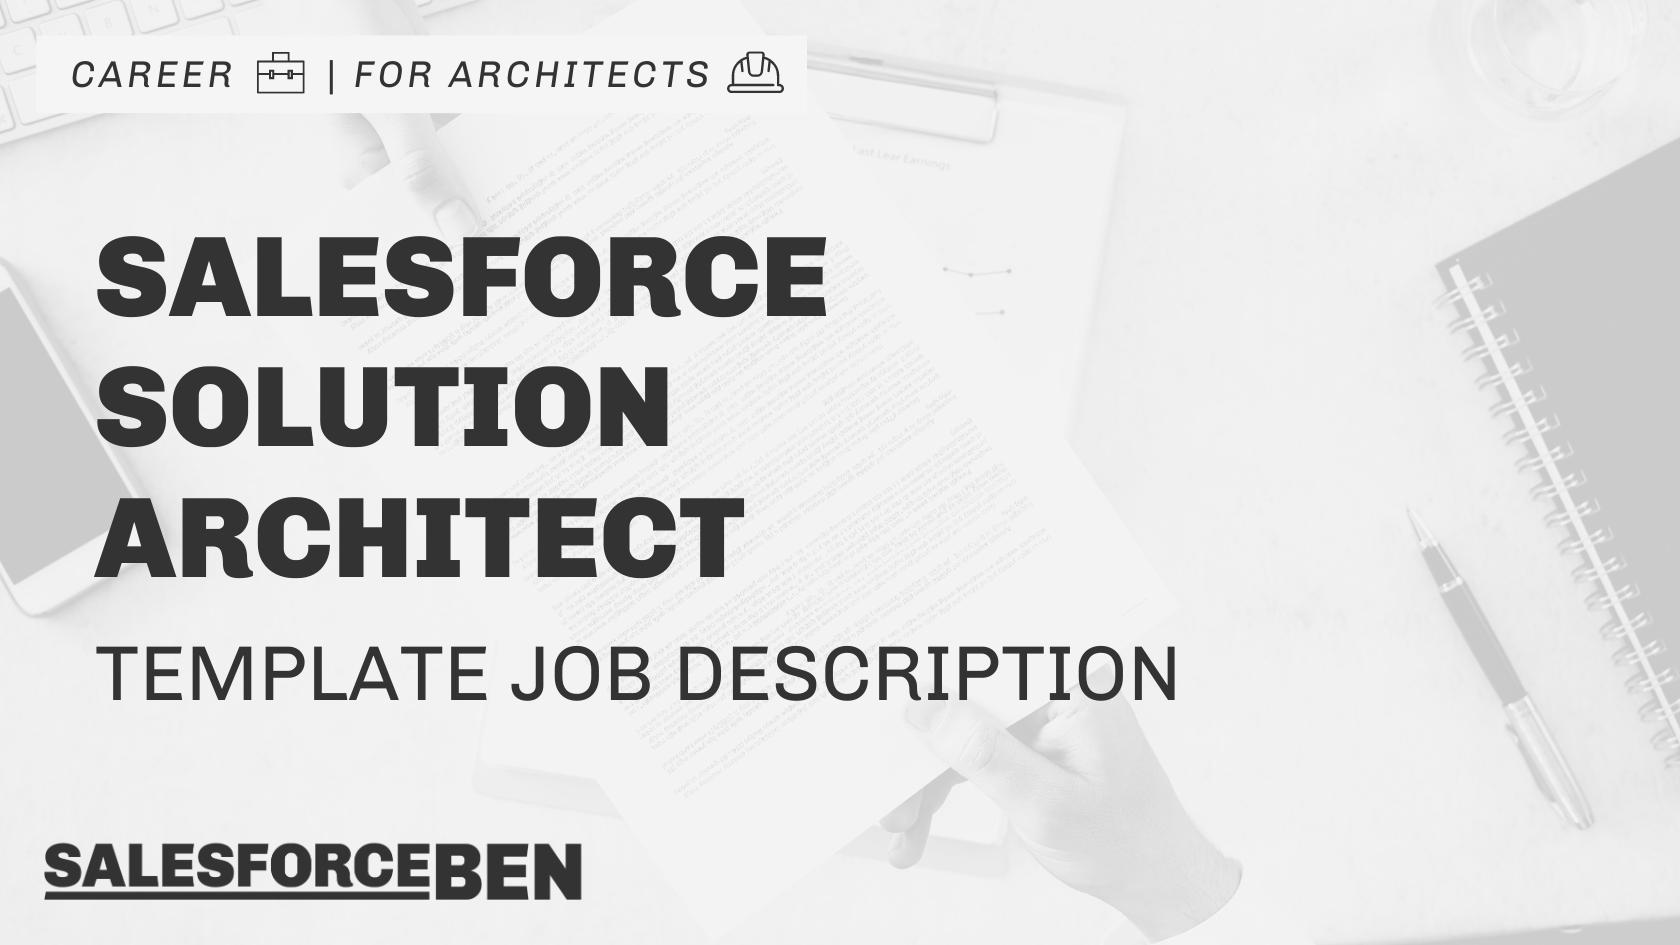 Salesforce Solution Architect Job Description